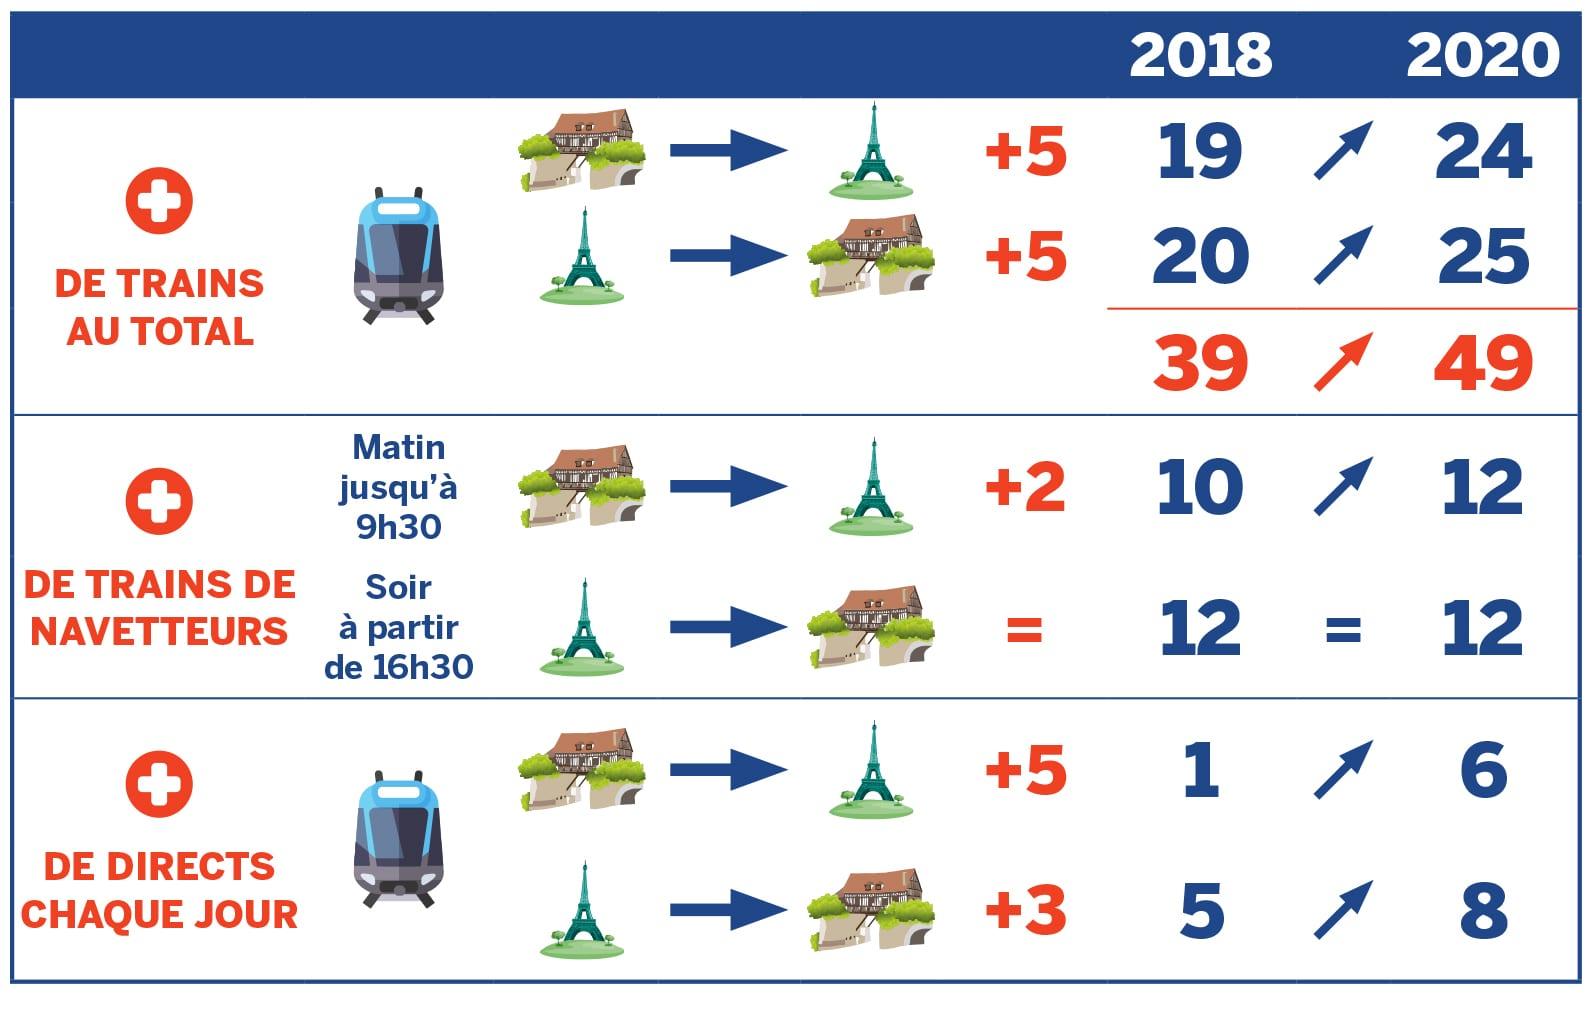 infographie nombre de trains vernon paris en 2020